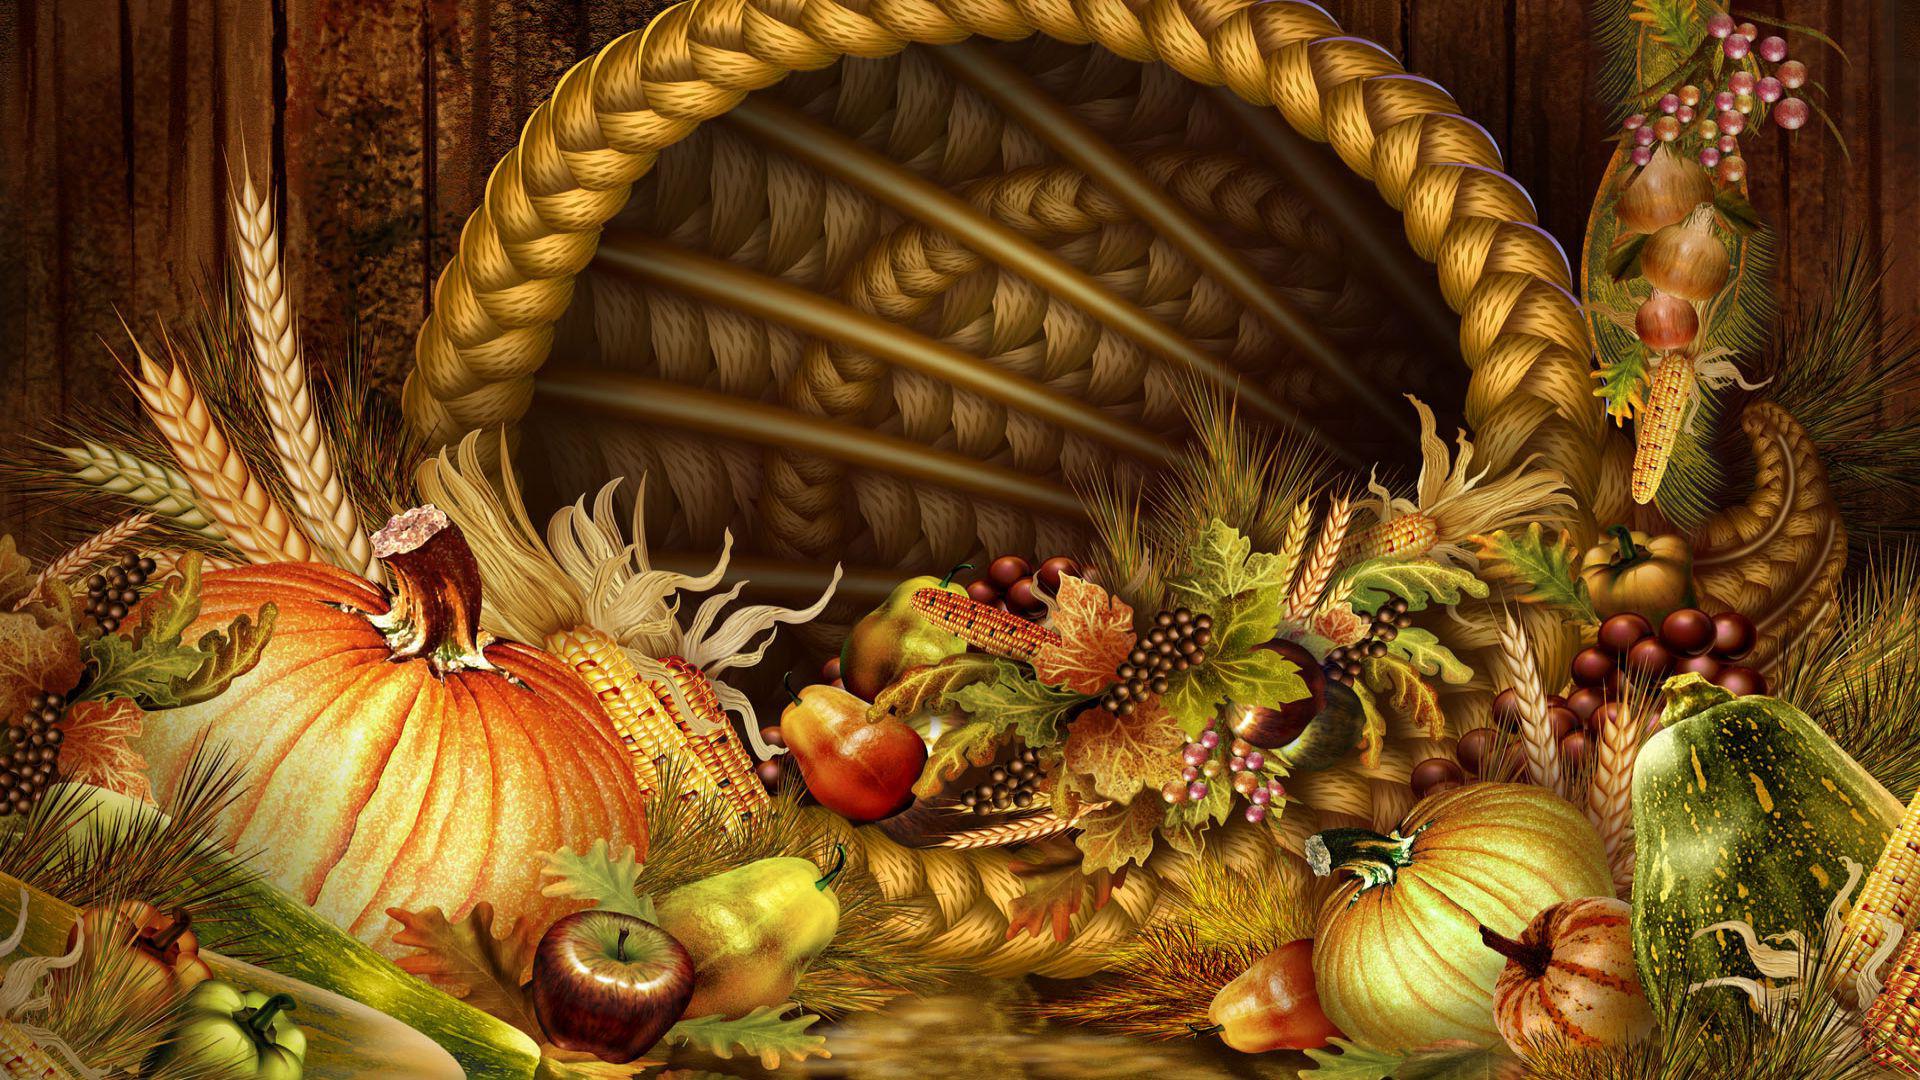 turkey wallpaper 1920x1080 - photo #12